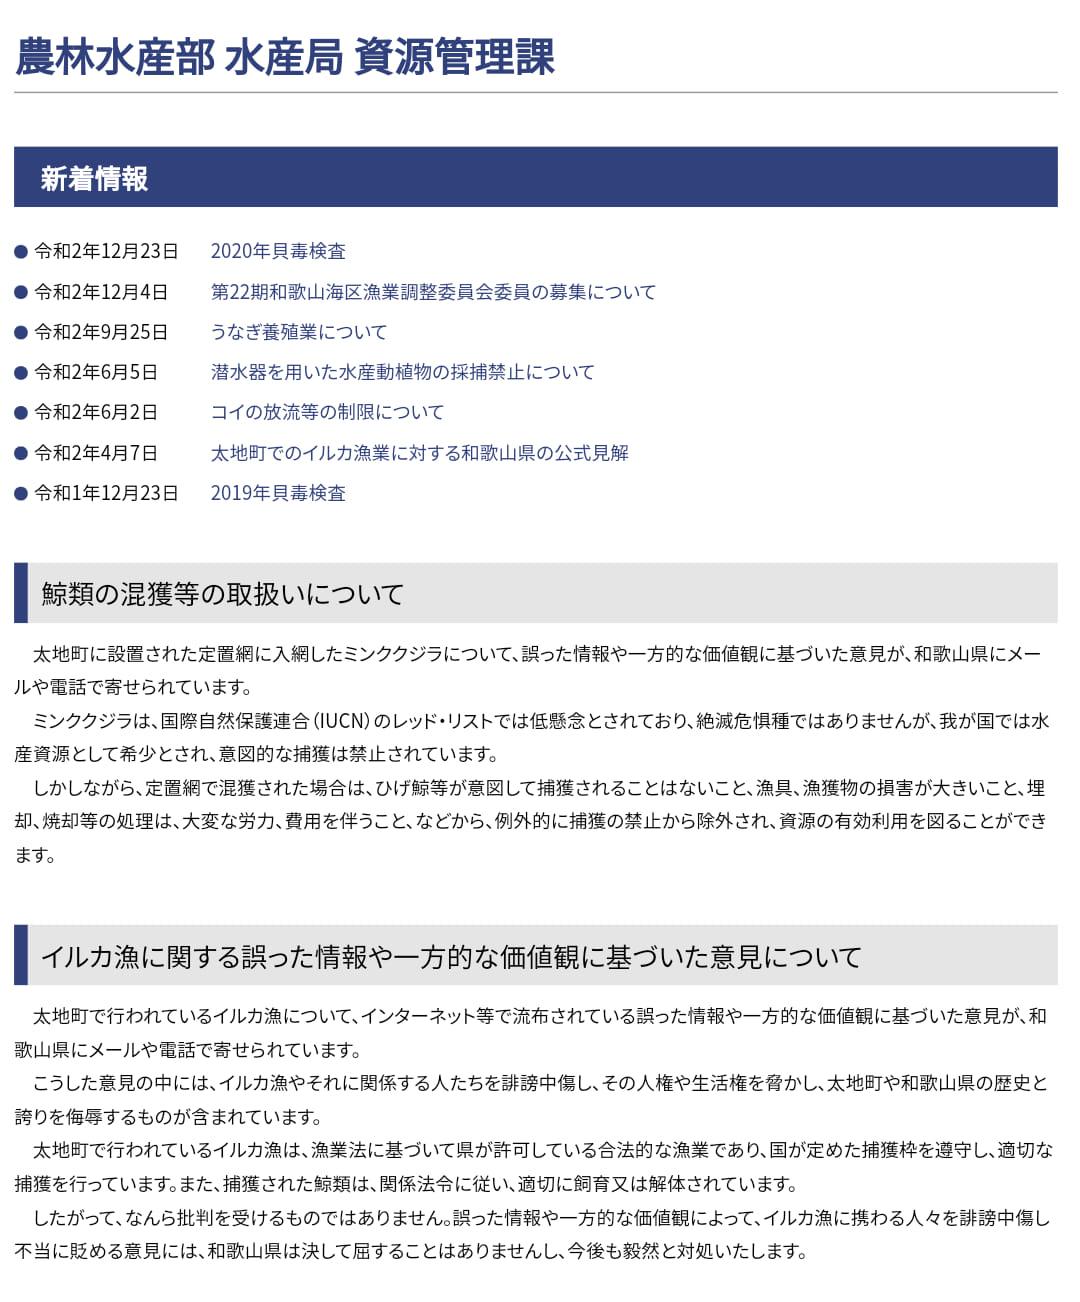 wakayamakageki.jpg